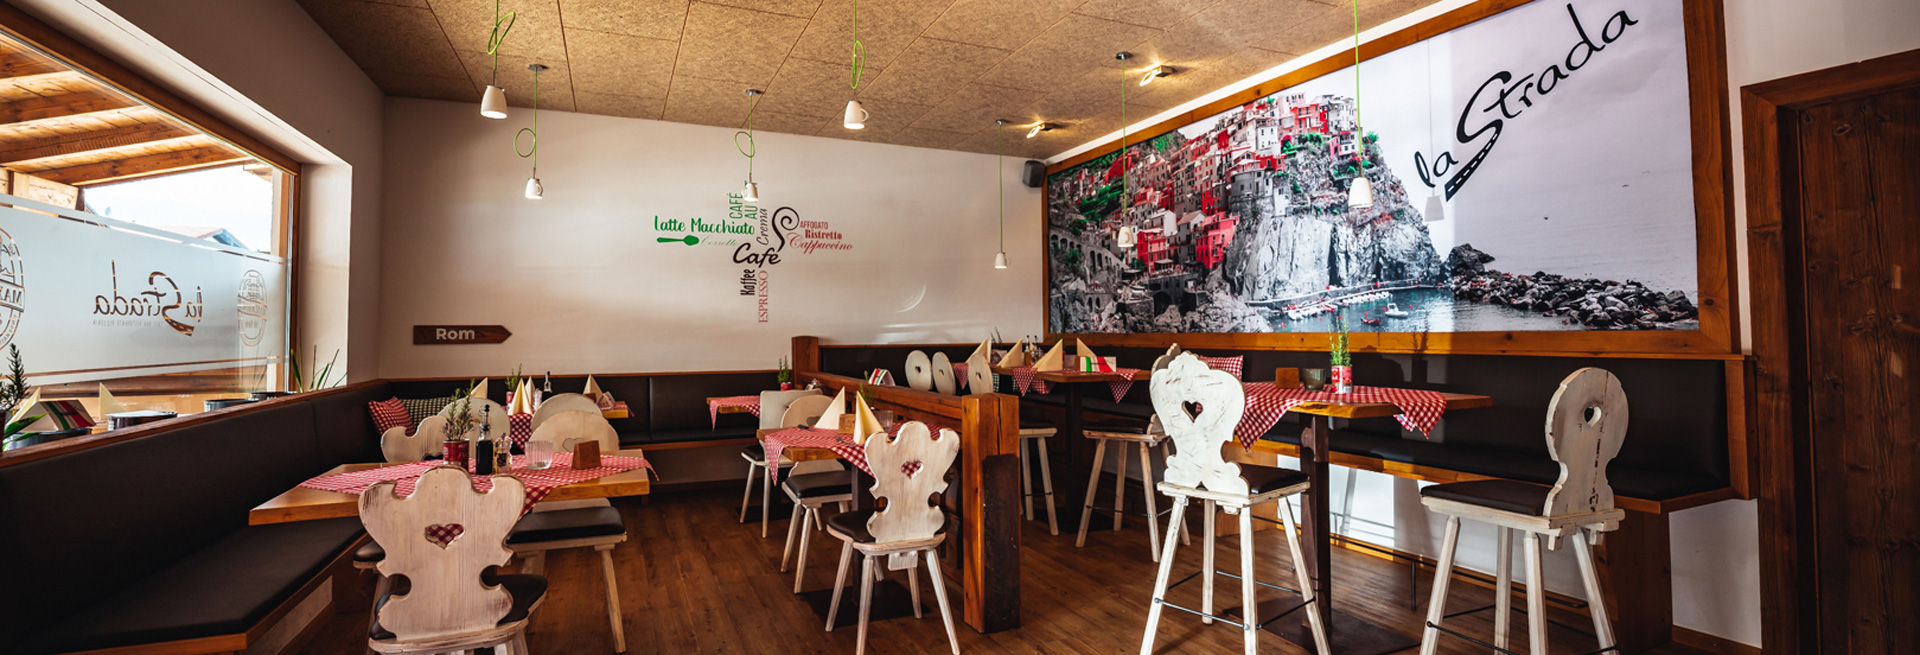 La Strada Restaurant Inneneinrichtung